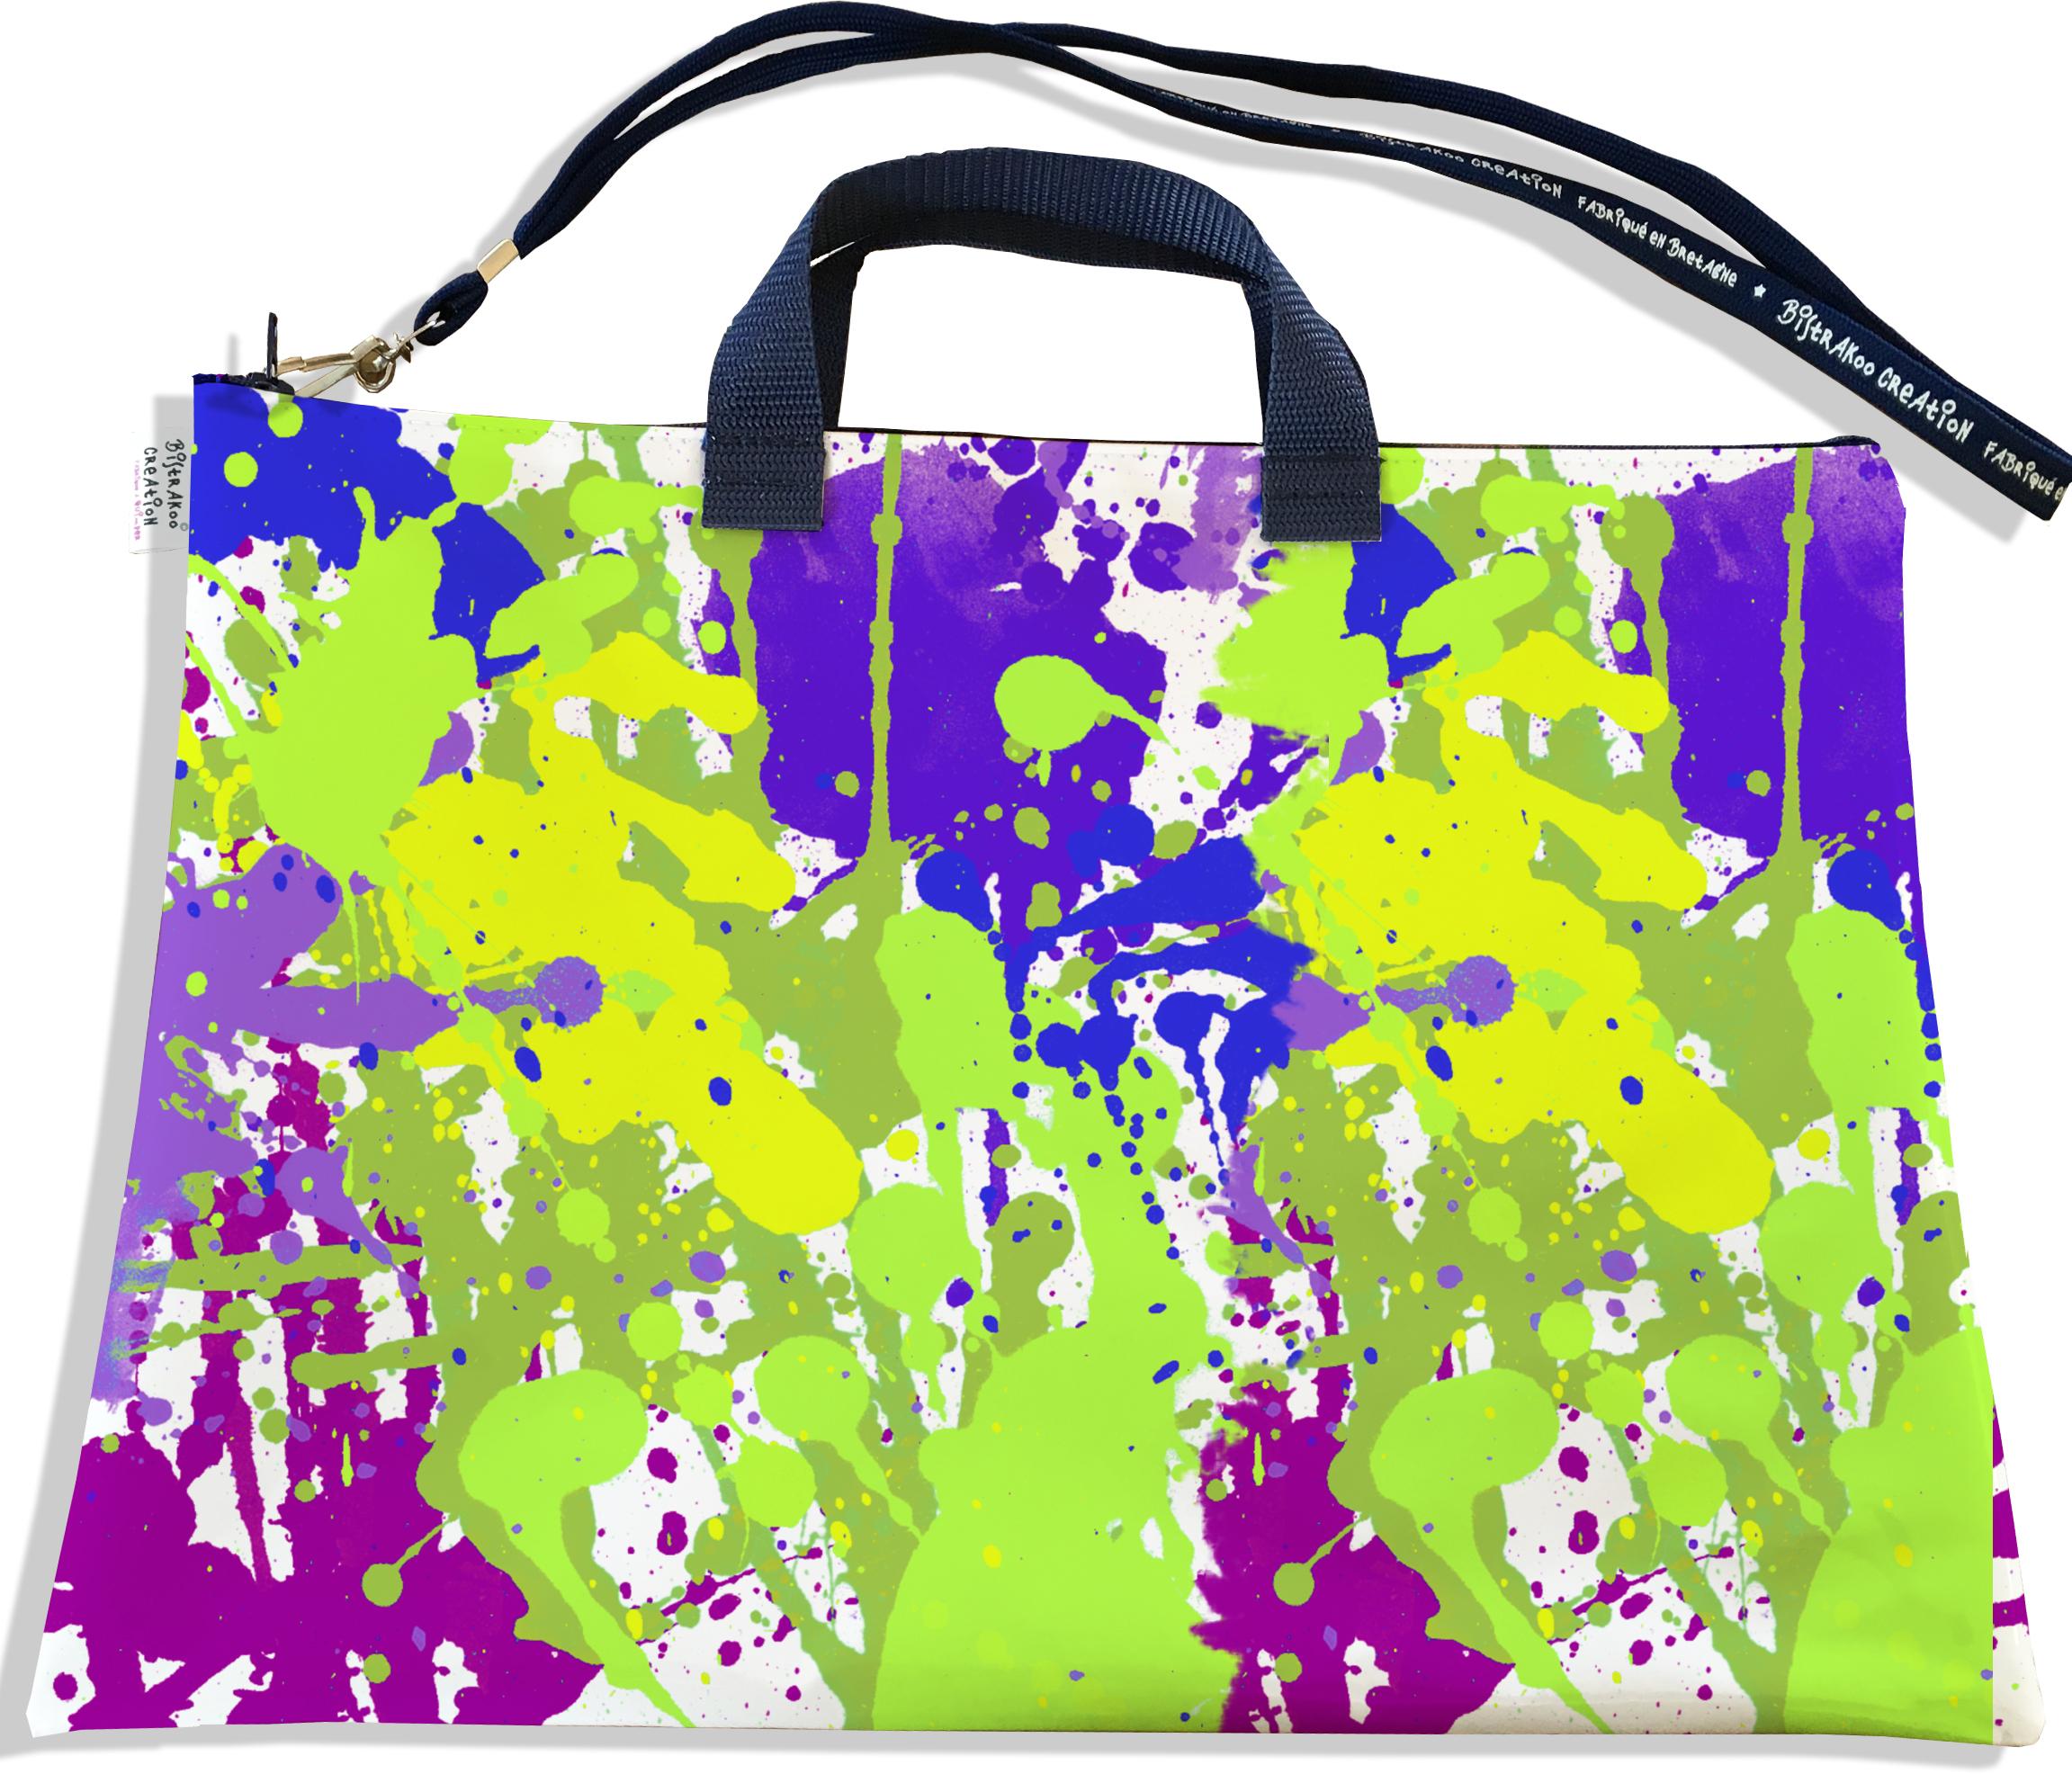 Sacoche ordinateur portable 11 & 13 pouces pour femme motif Peinture multicolore 2565